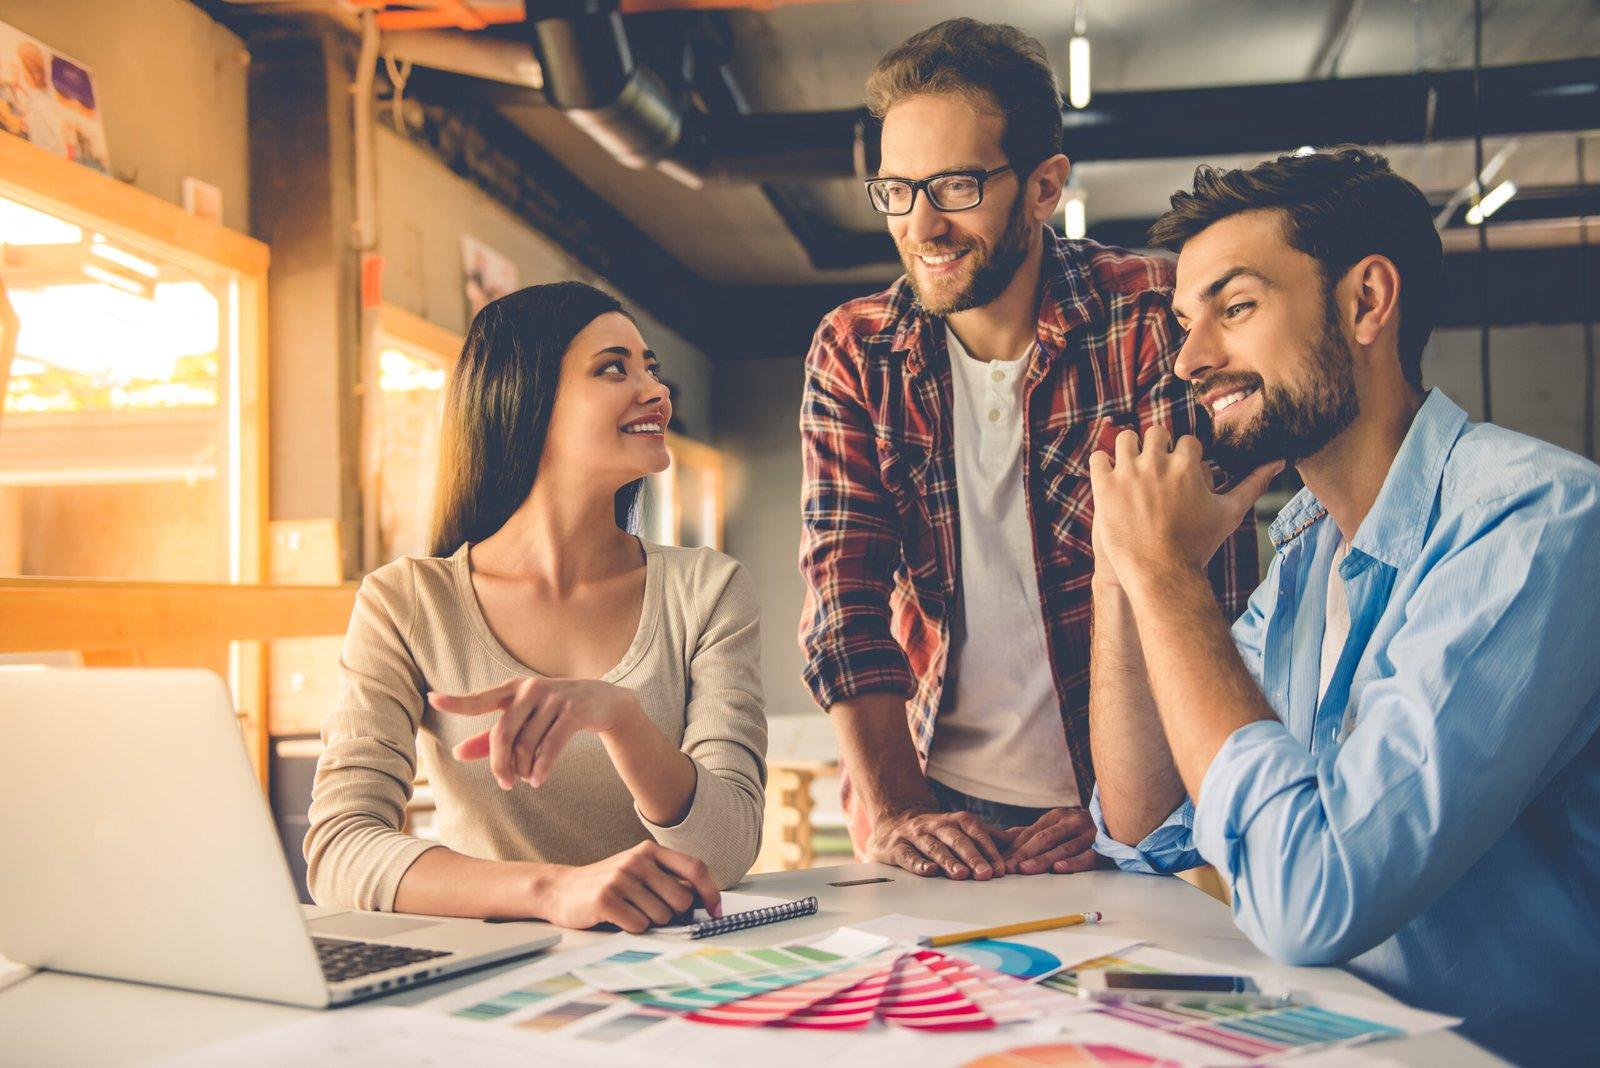 Dicas que podem melhorar a produtividade da sua equipe